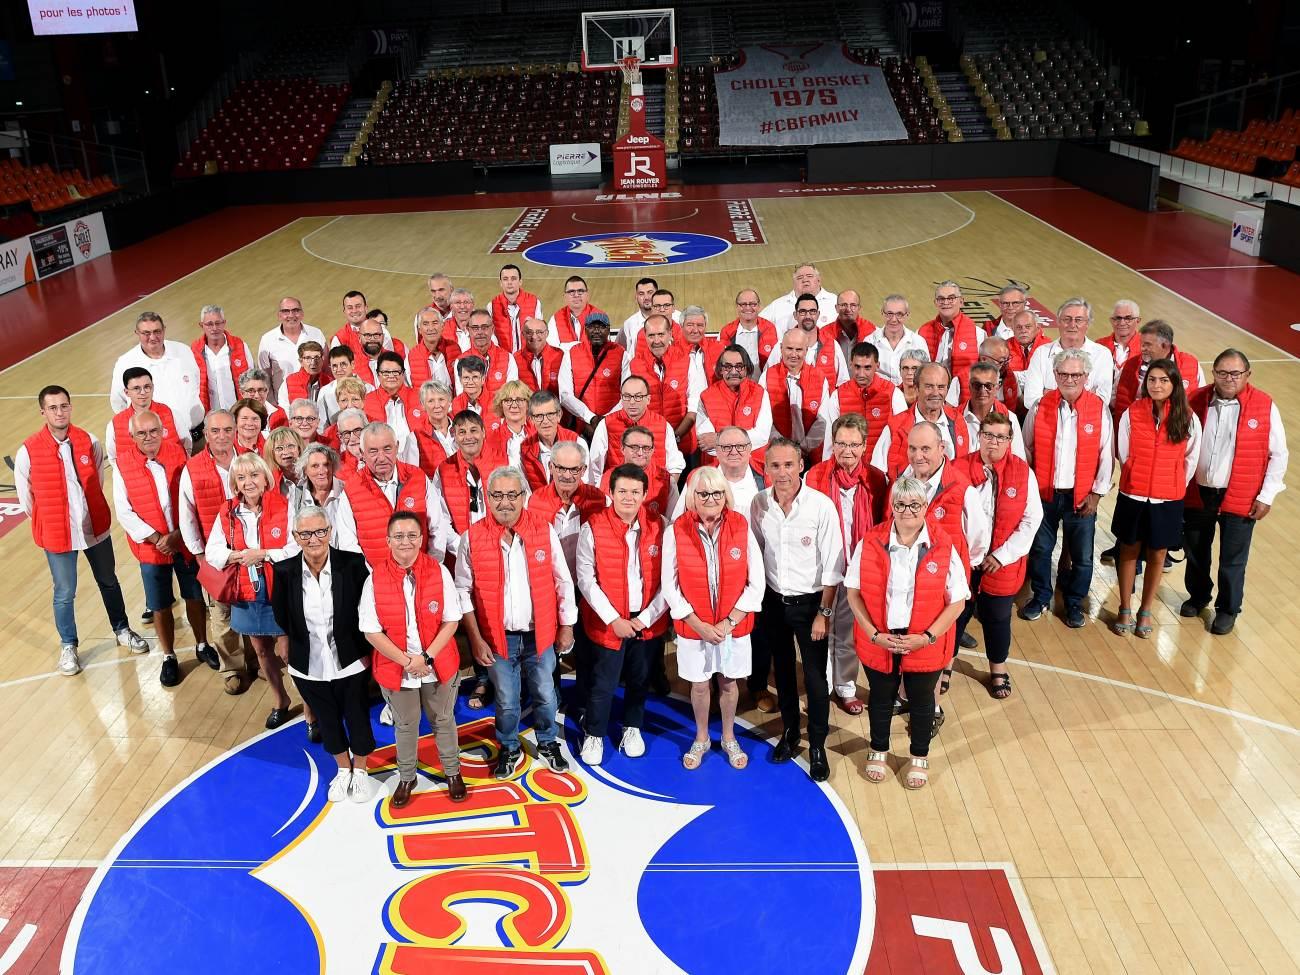 Les Bénévoles de Cholet Basket - © Etienne Lizambard